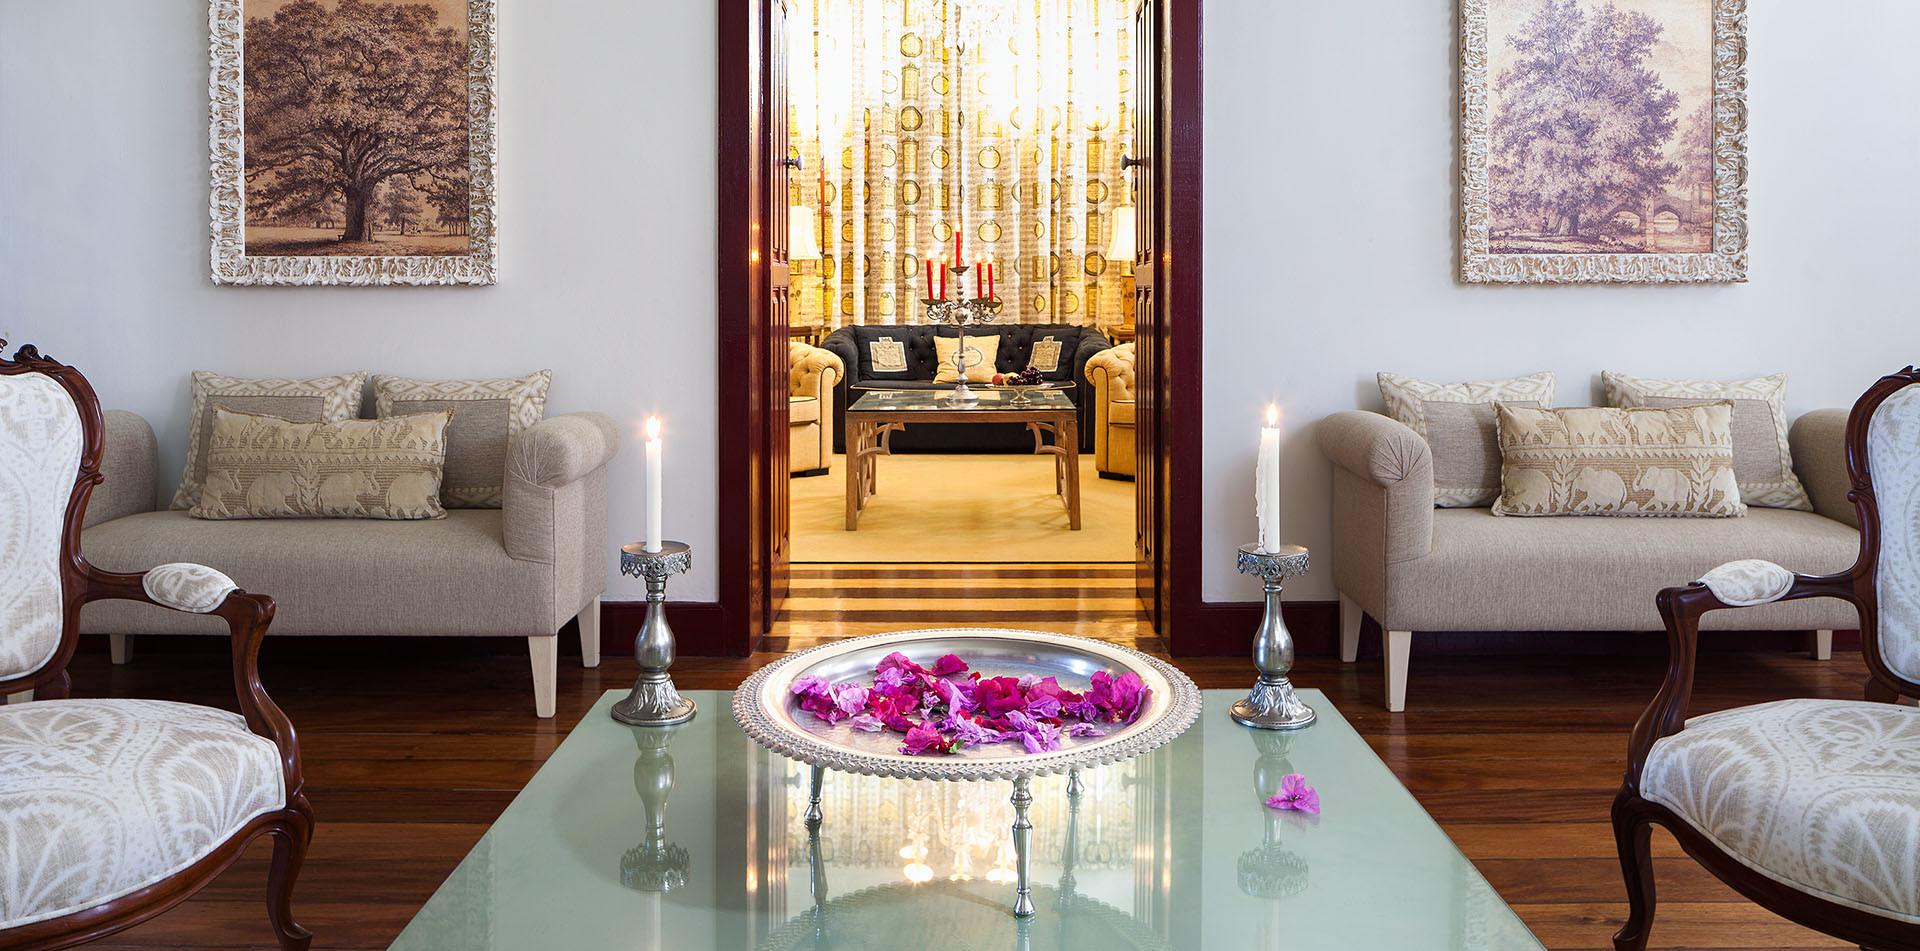 Casa de Santo Antônio - Entrance room an